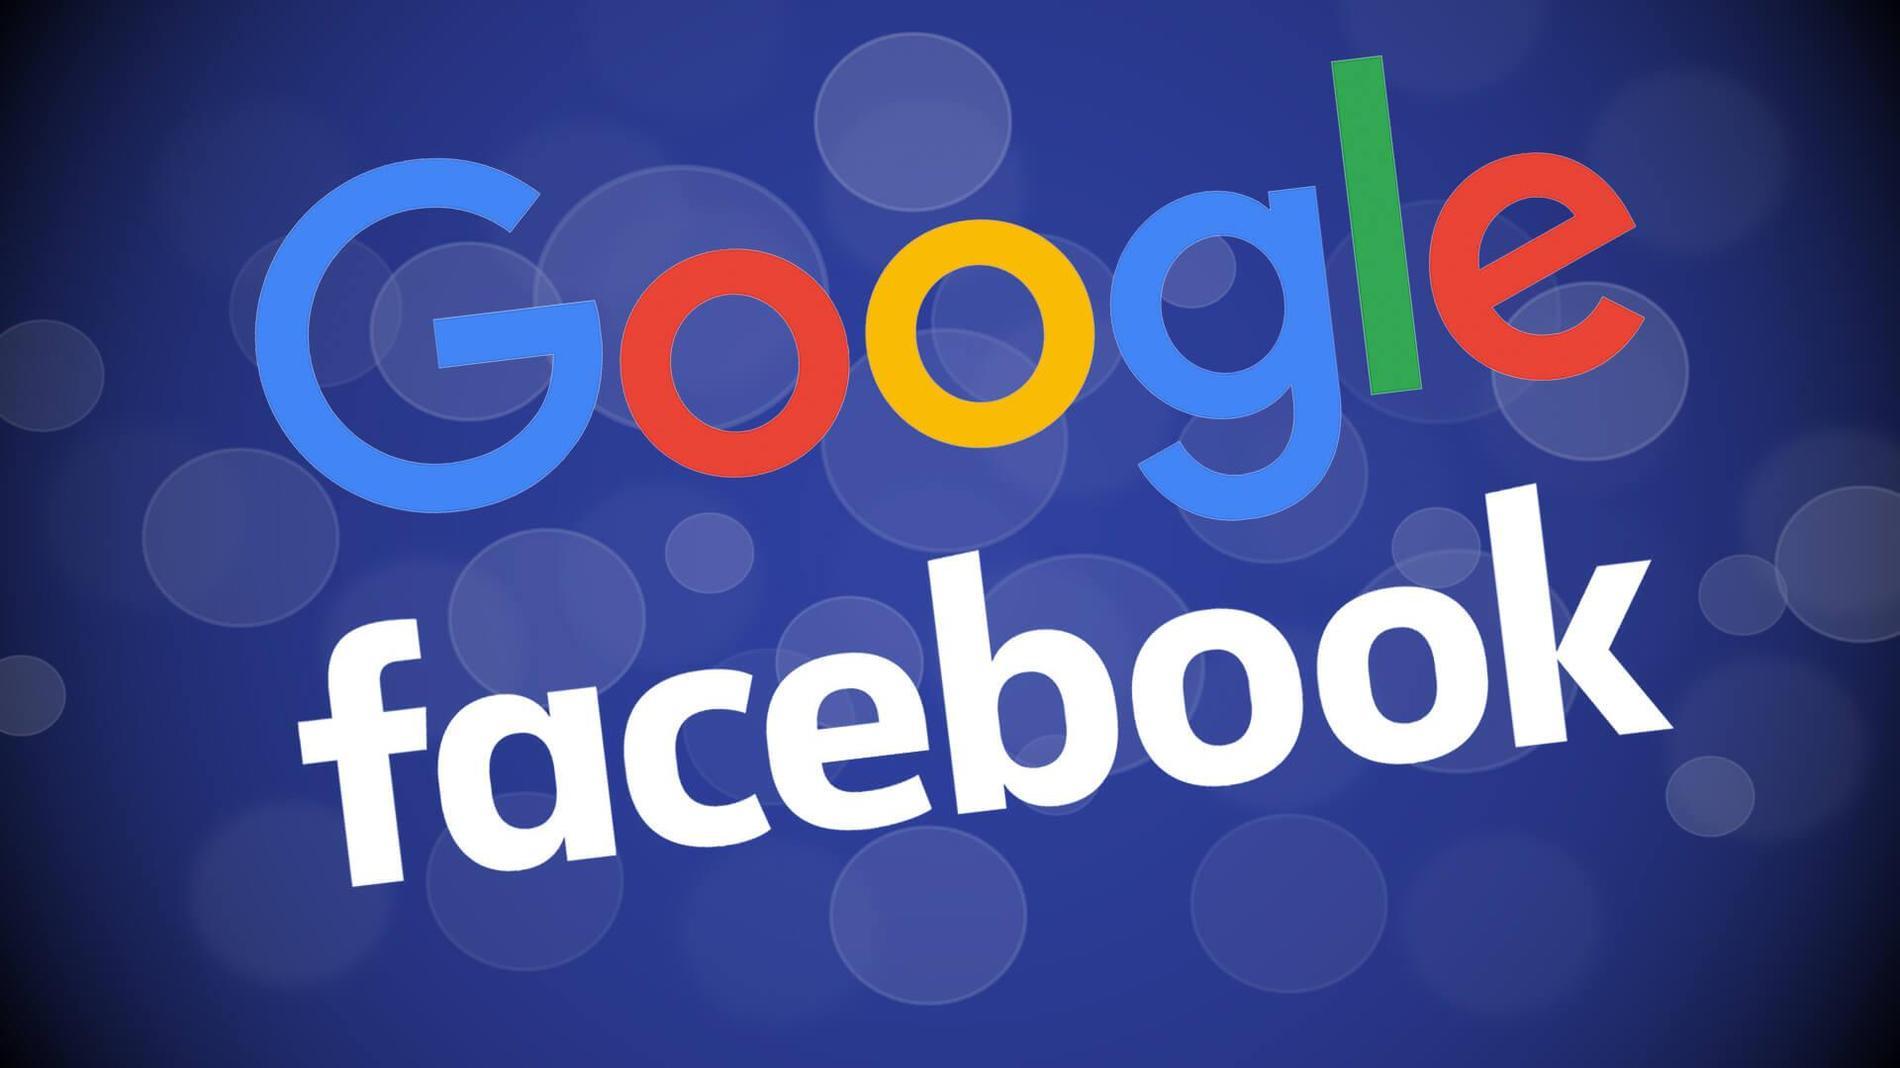 Nên làm như thế nào với facebook và google để website phát triển tốt hơn?